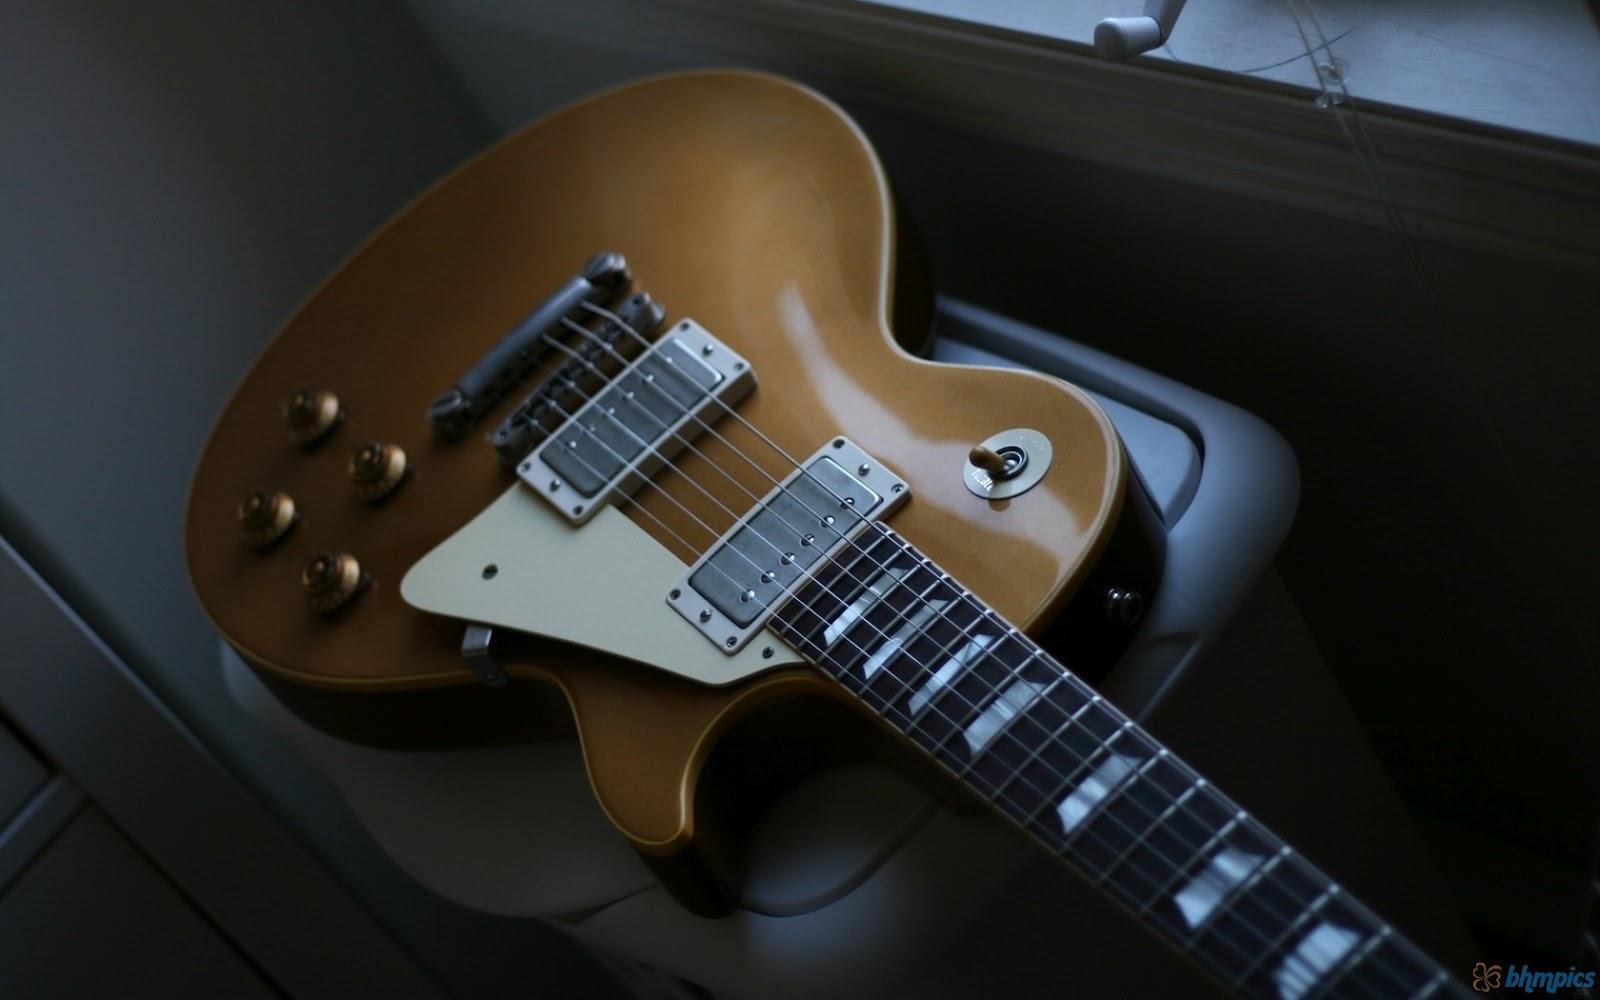 Gibson Guitar Wallpaper HD - WallpaperSafari